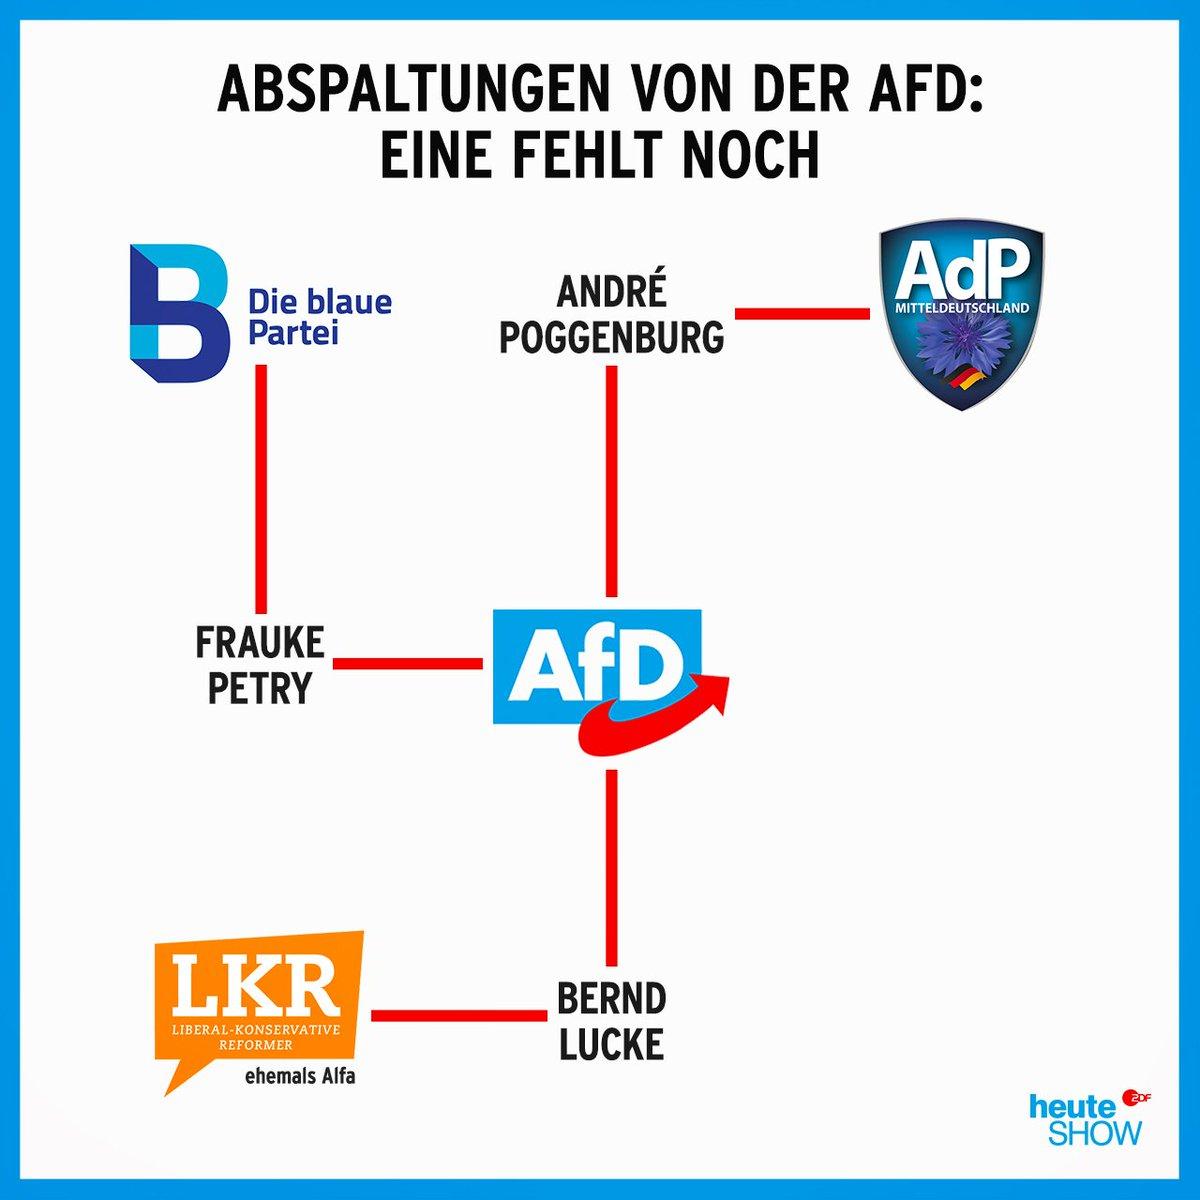 Mal war die AfD zu rechts, mal zu links... #Poggenburg https://t.co/FHgj8wgiAO